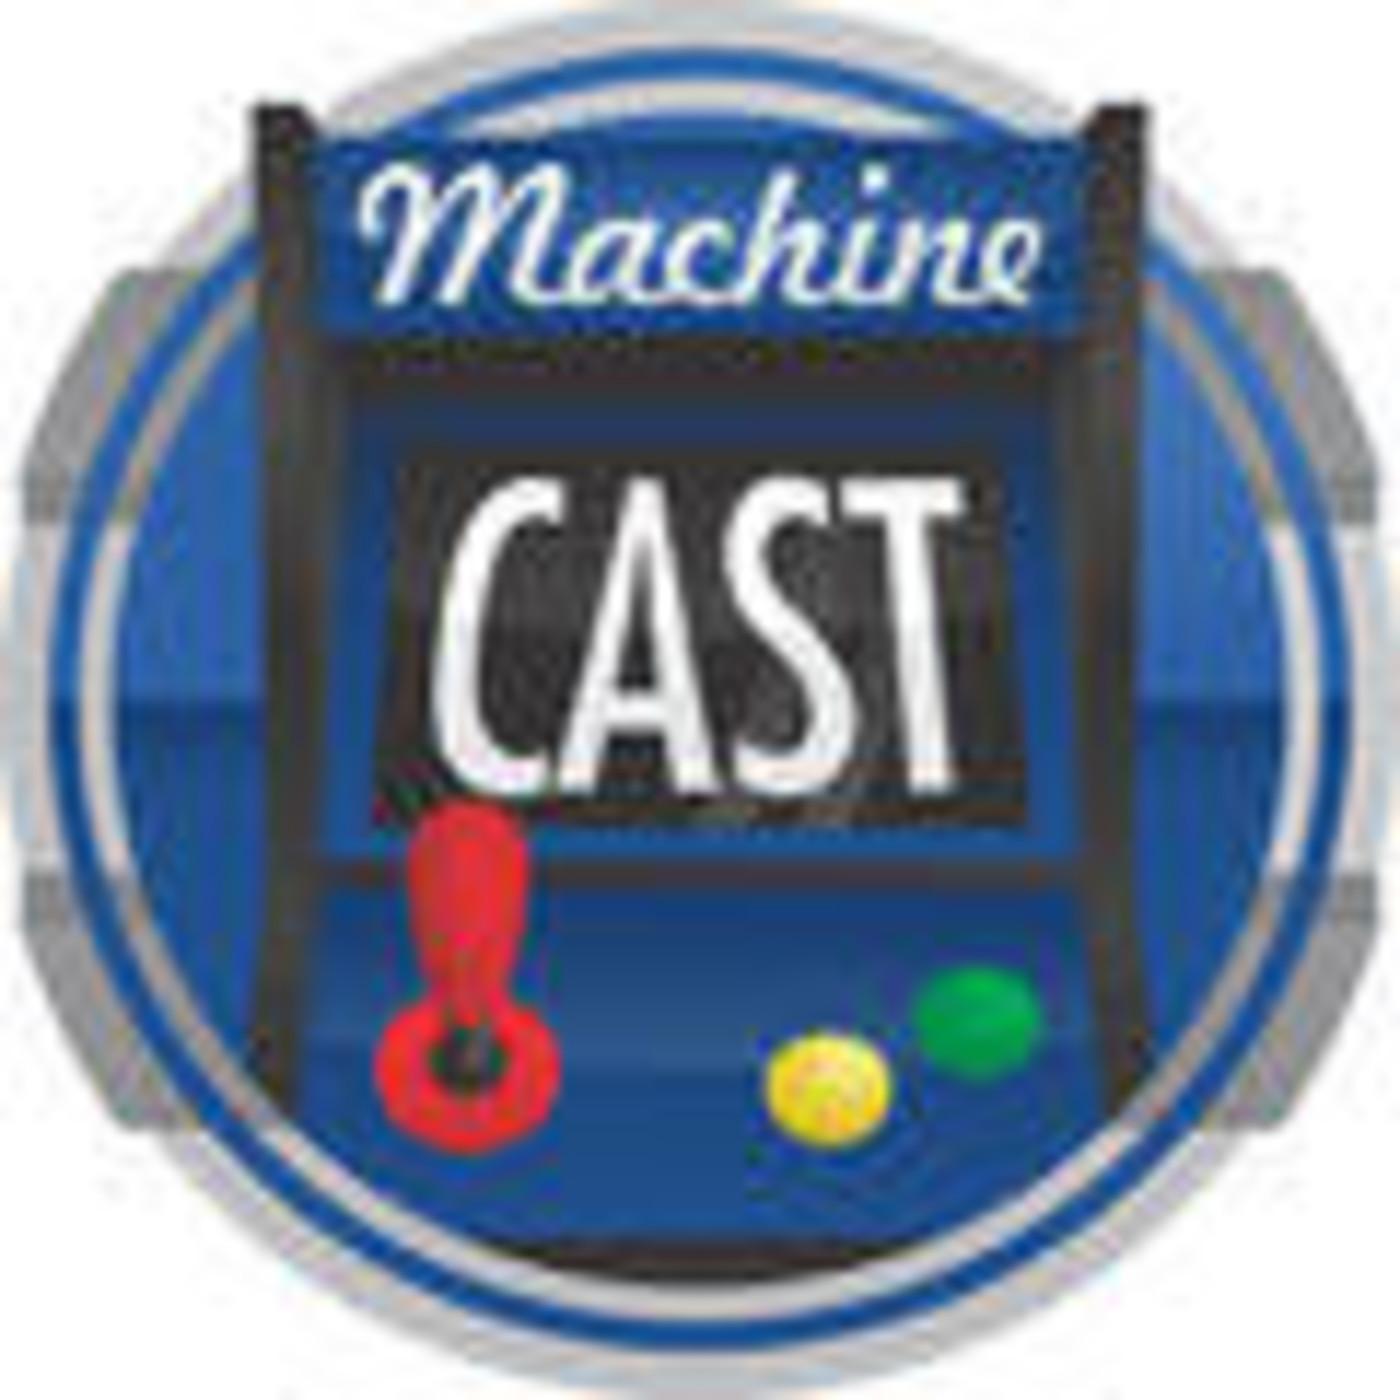 http://machinecast.com.br